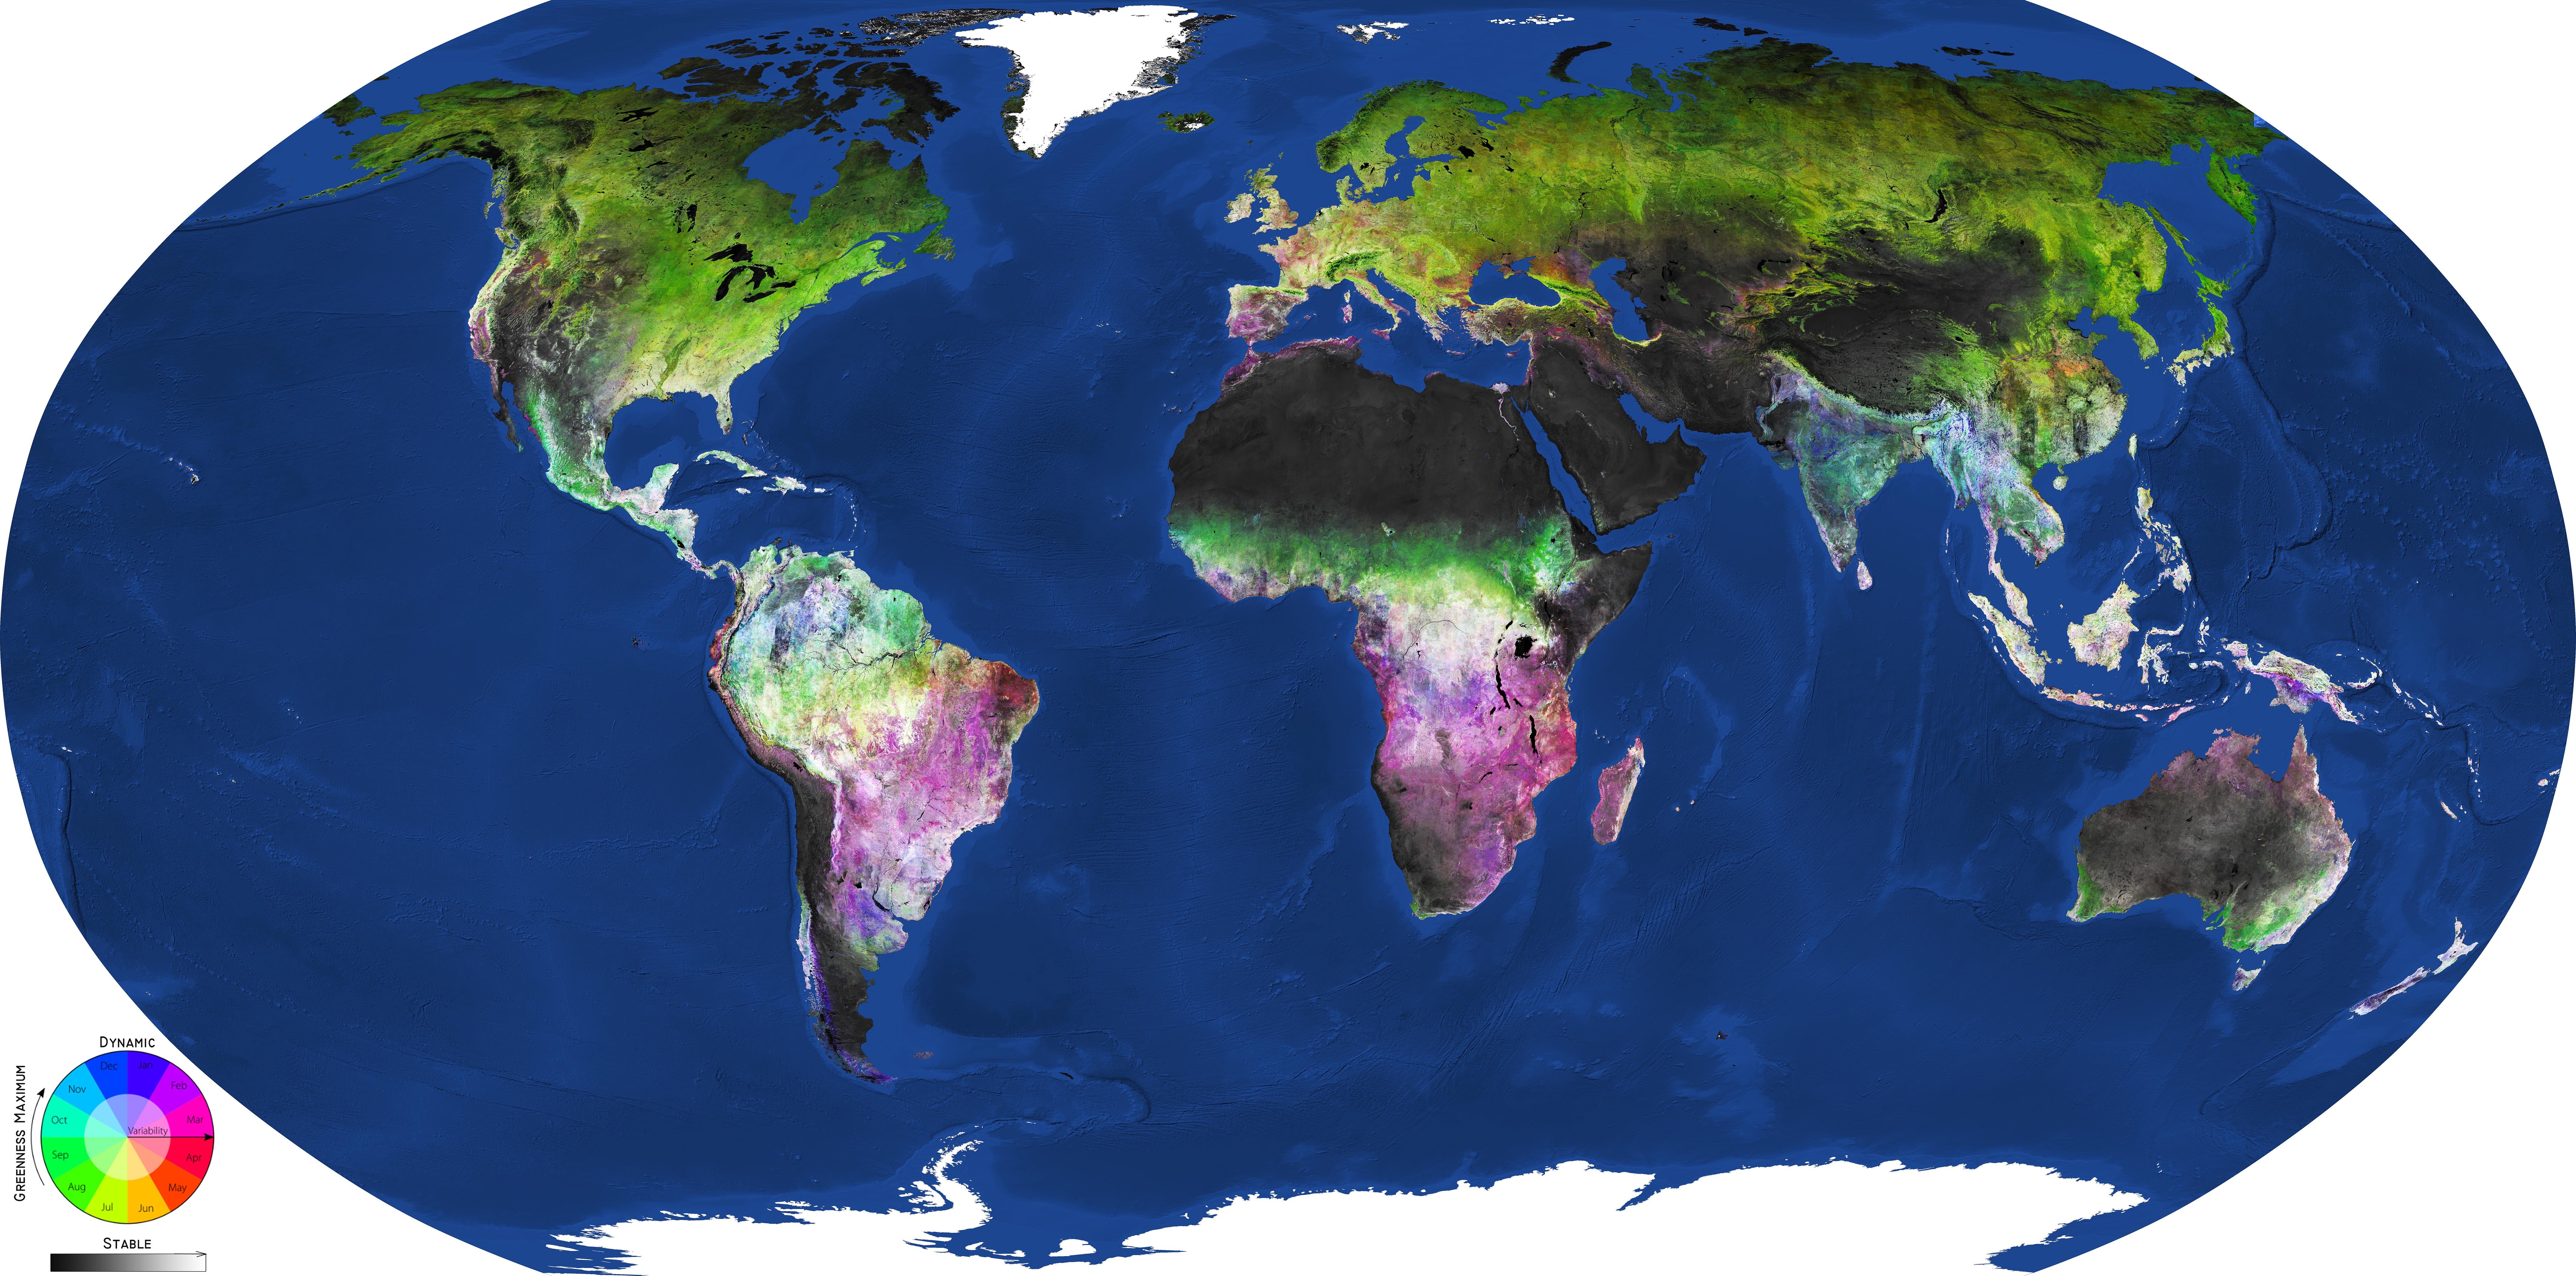 Jordas vegetasjonsdekke og når på året det når maksimal grønnfarge, sett av Sentinel-2. Rødt er på våren, grønt er på sommeren, blått er på høsten og lilla er på vinteren. Grafikk: Copernicus Sentinel data (2016–18) processed by GeoVille